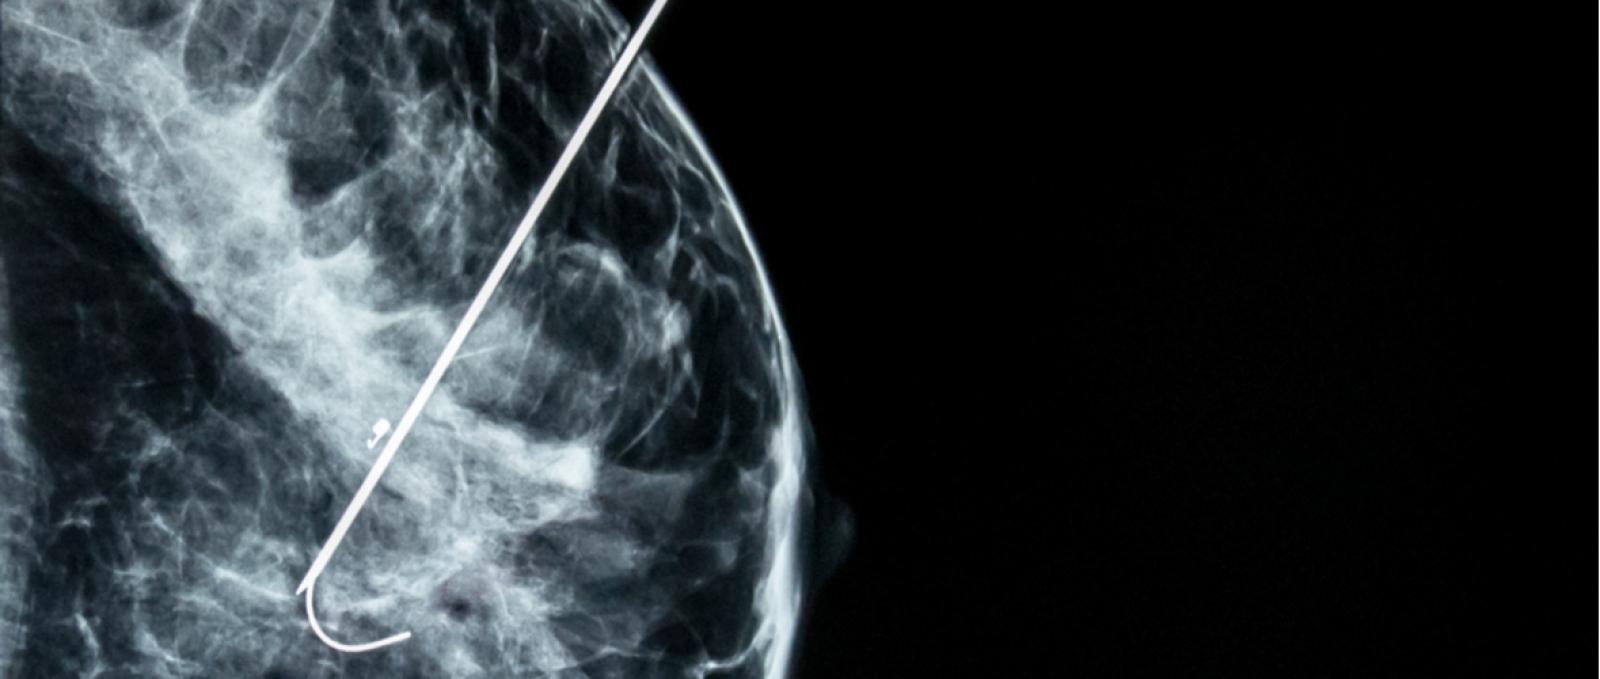 veias mamárias inchadas